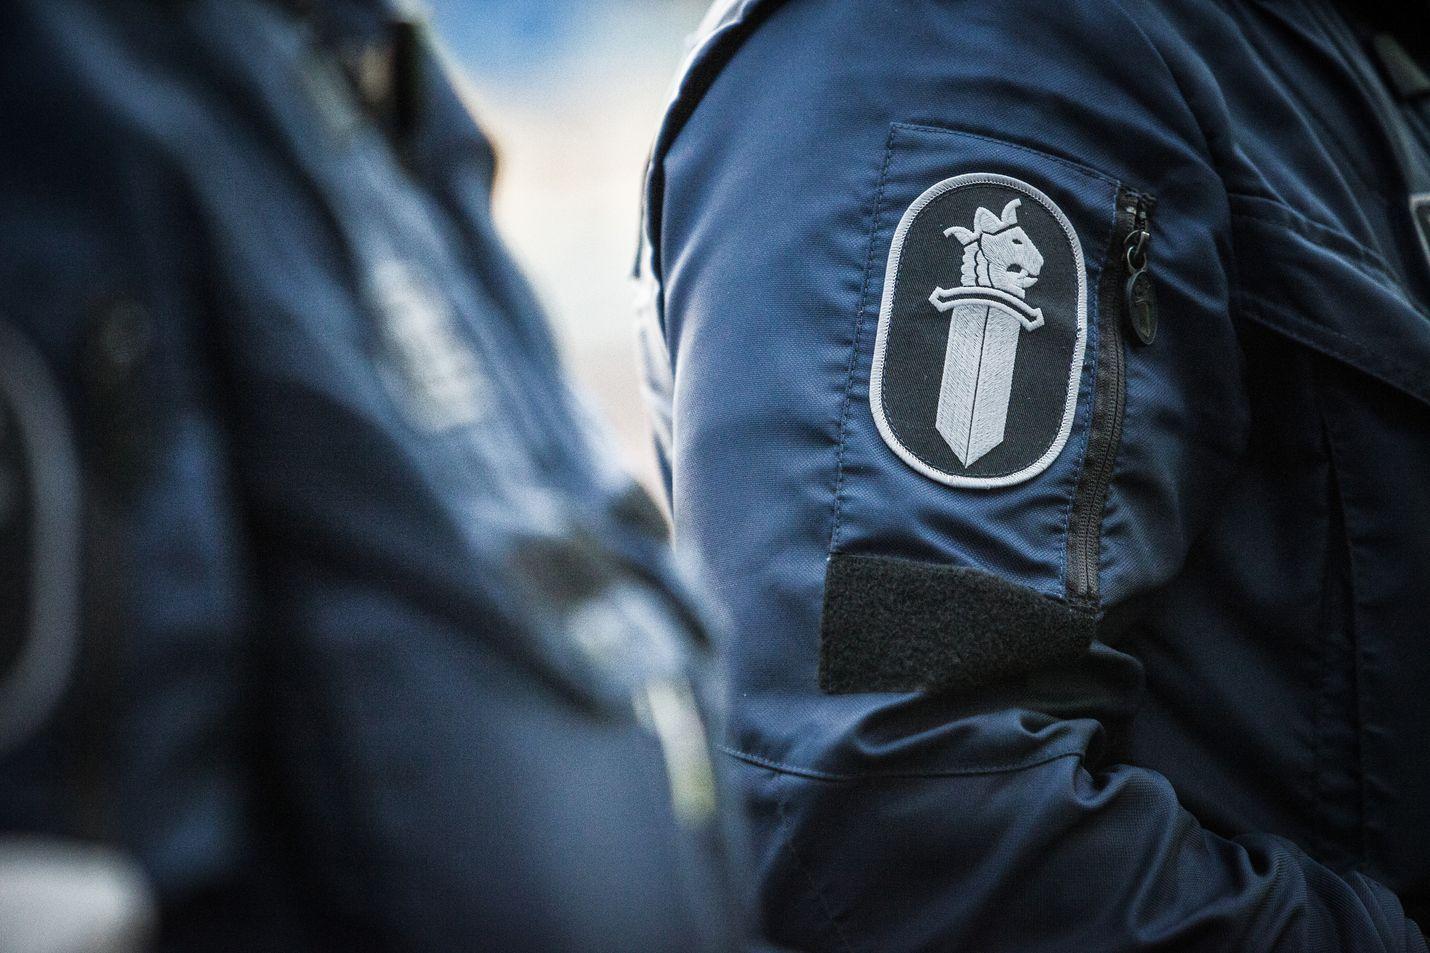 Poliisin mukaan poikkeuksellisen laajassa seksuaalirikossarjassa on uhreina 52 eri lasta.